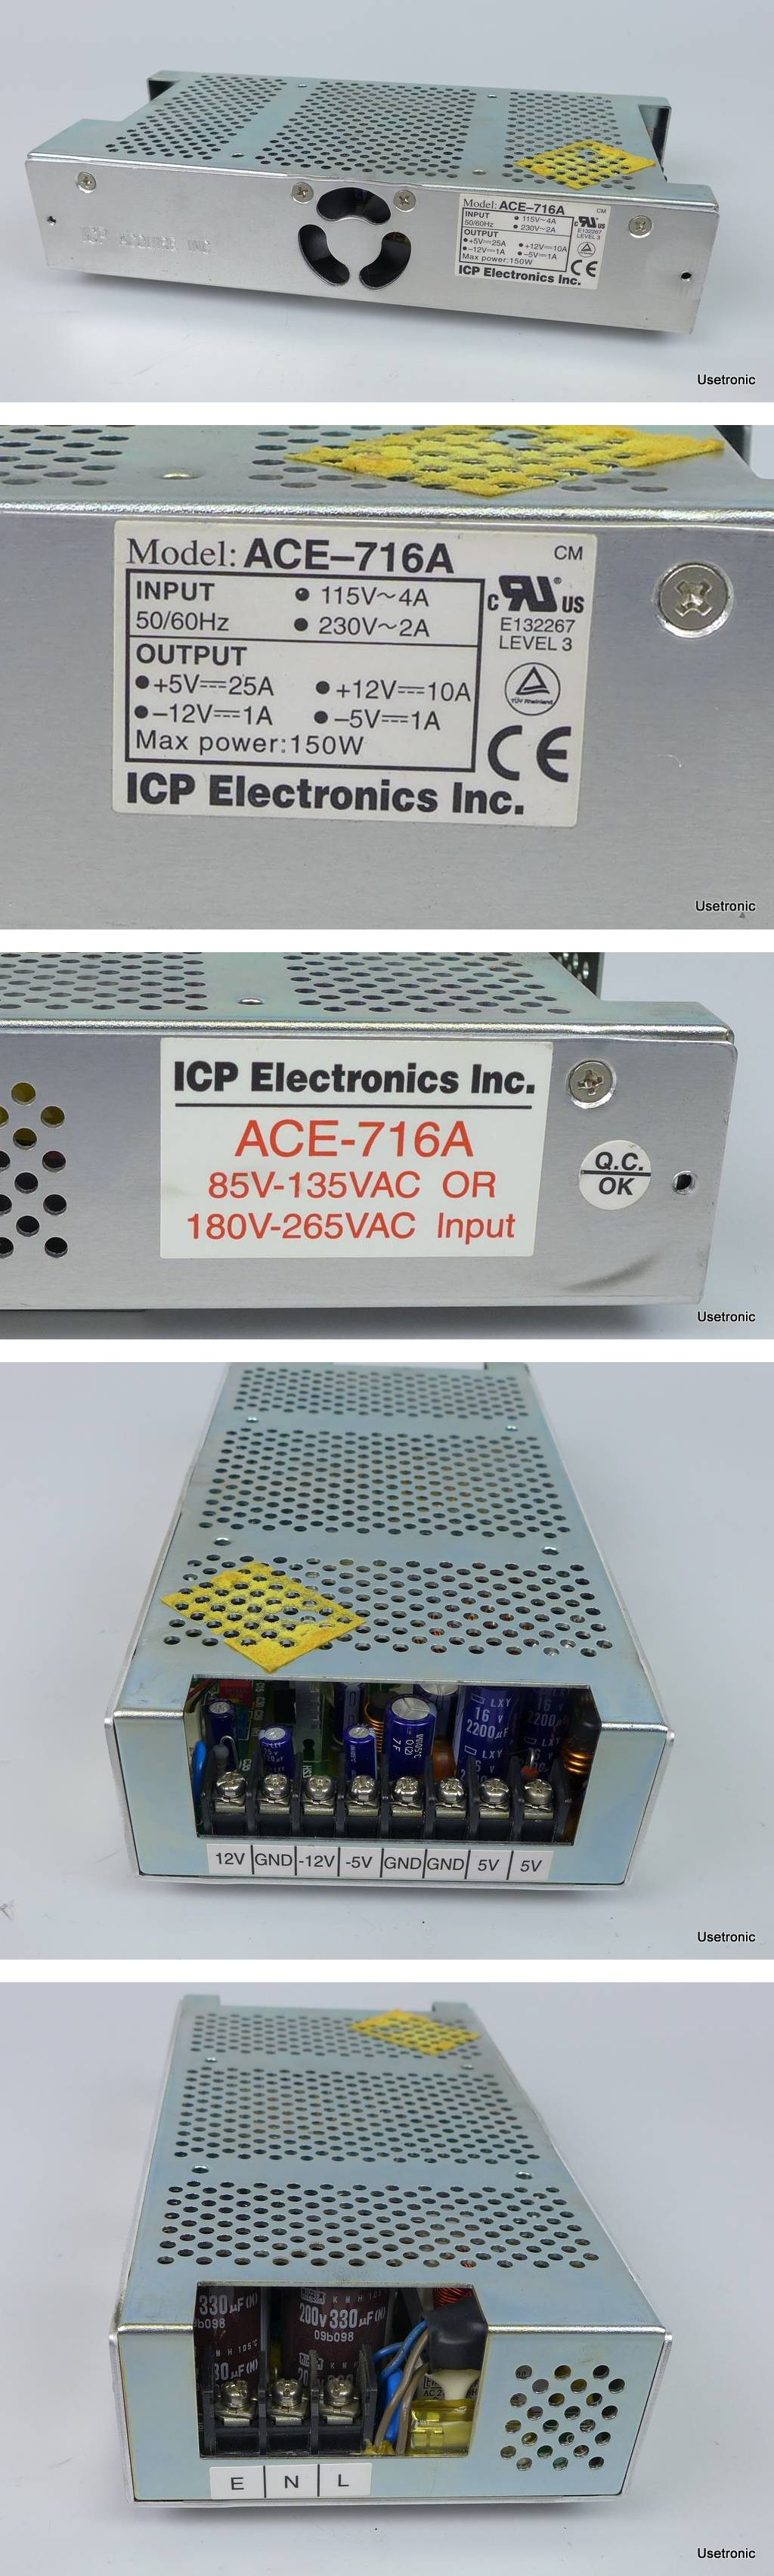 ACE-716A